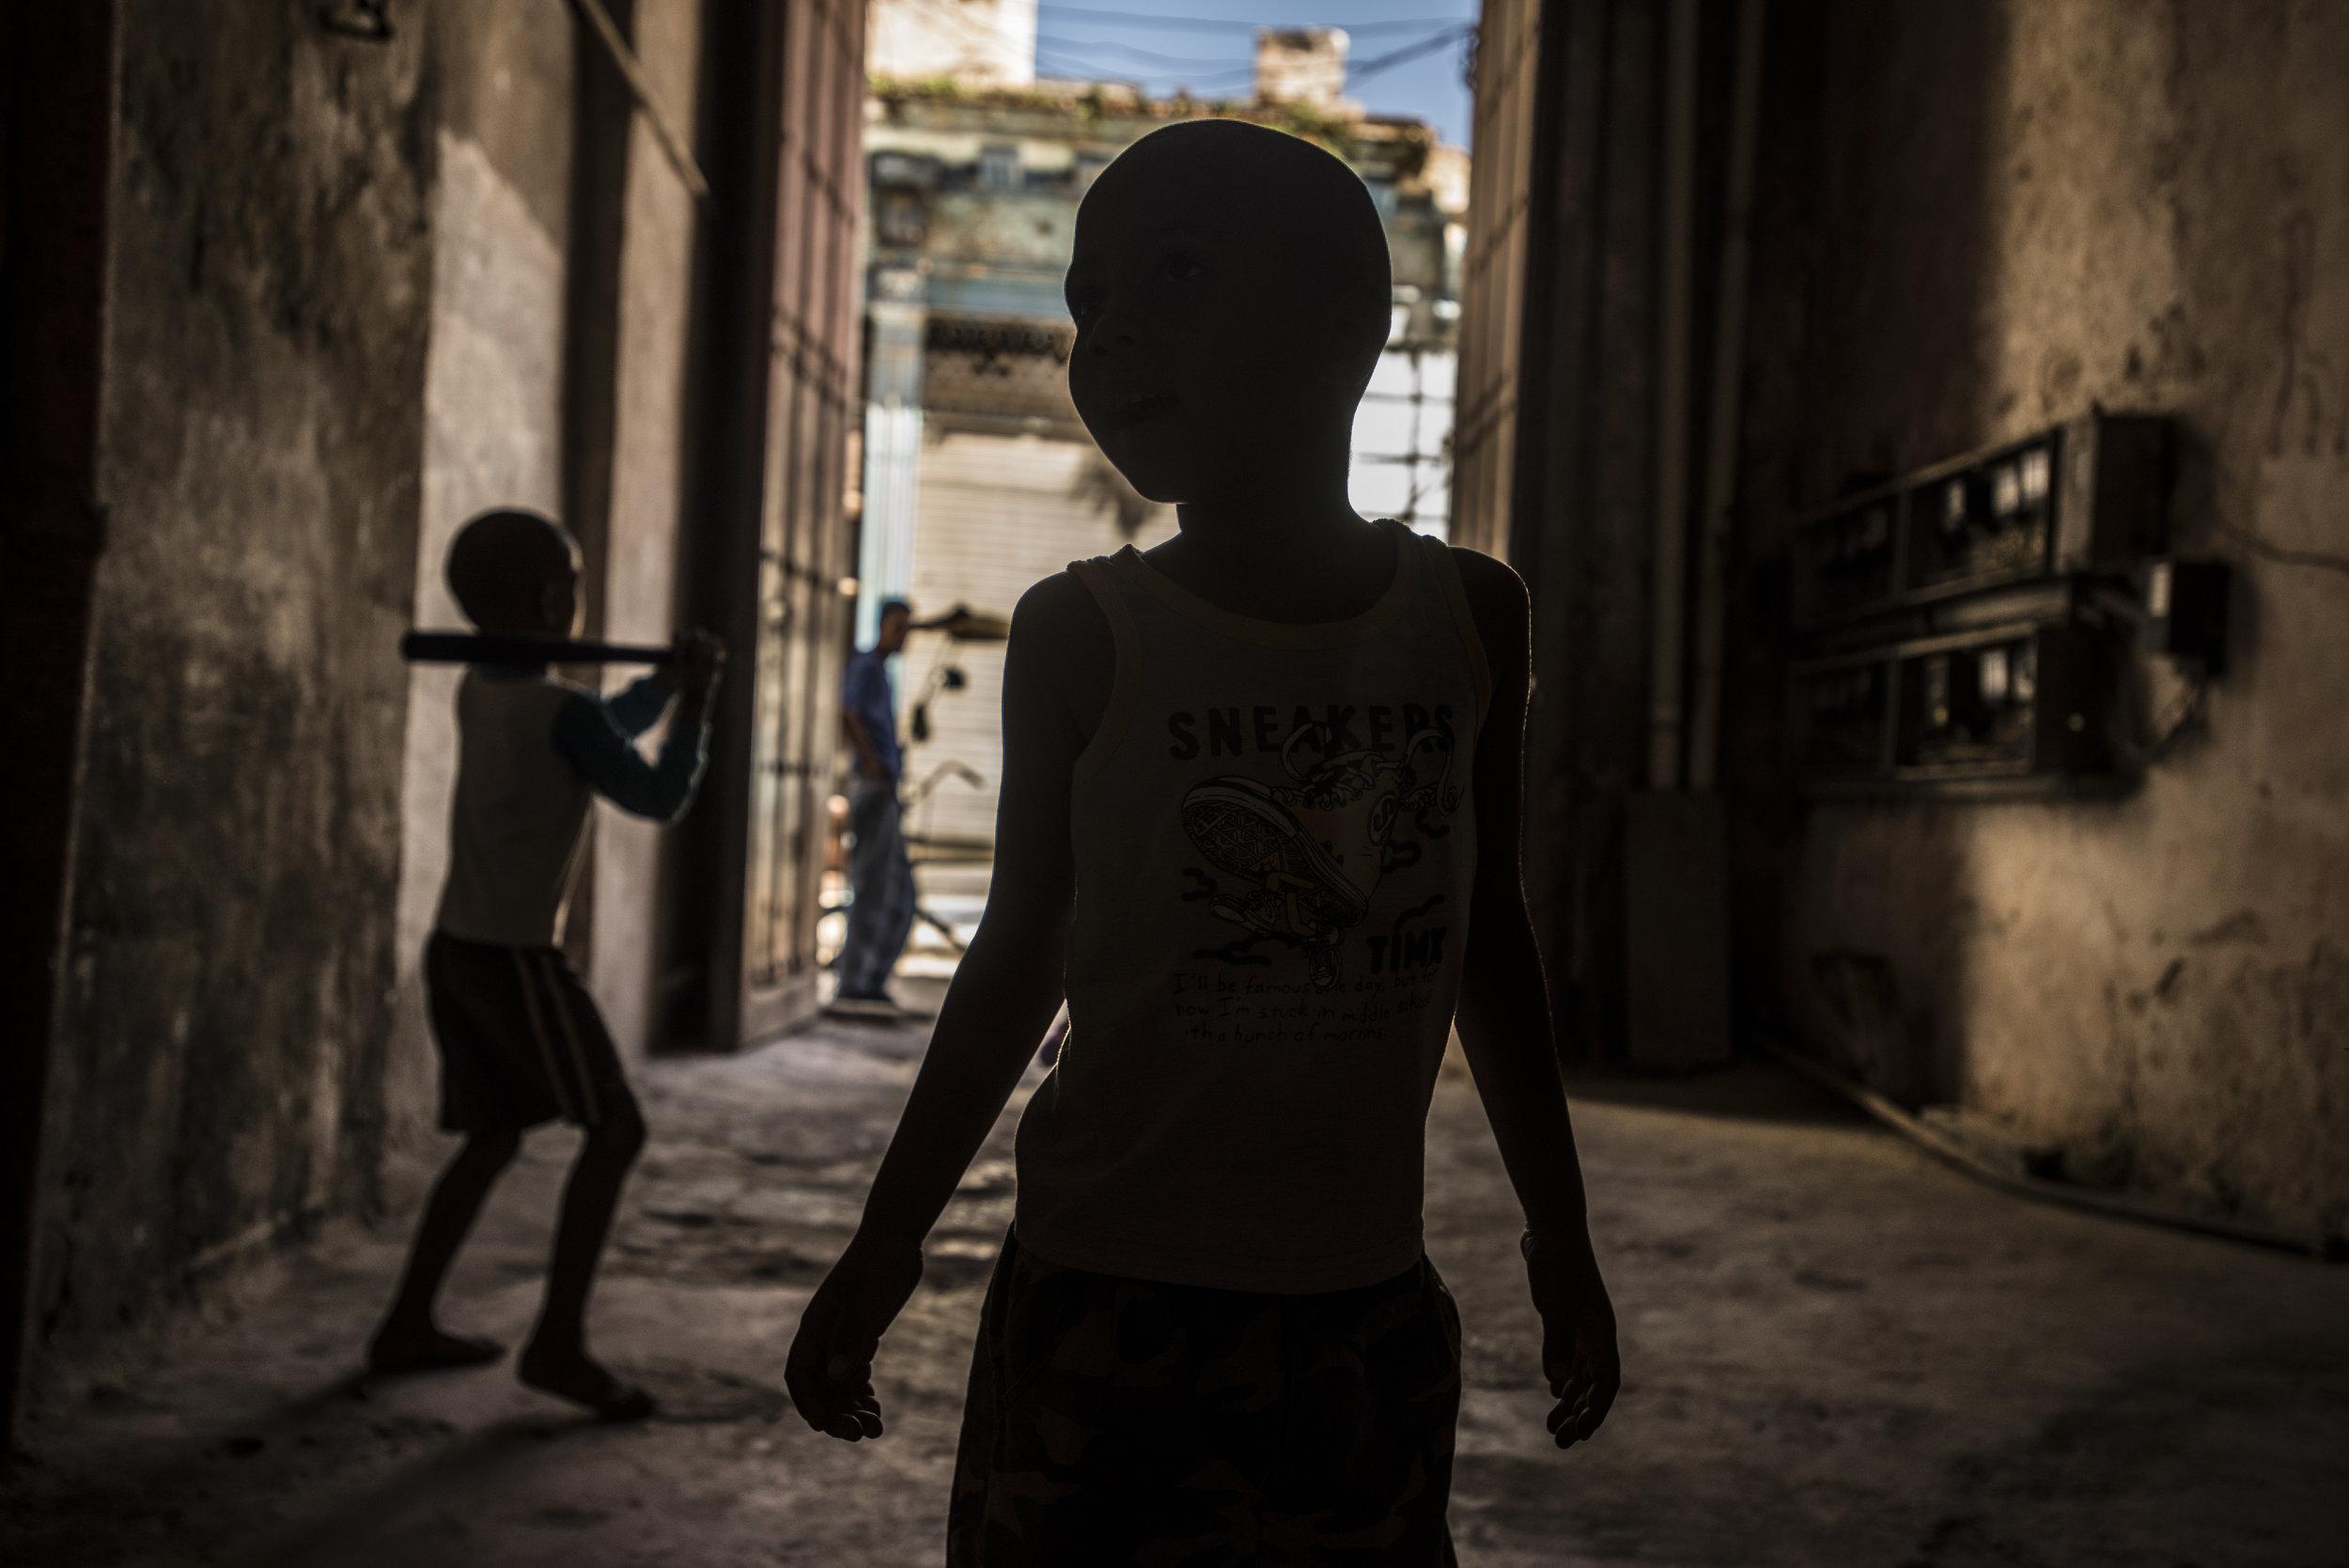 Cuba - Documental Photography